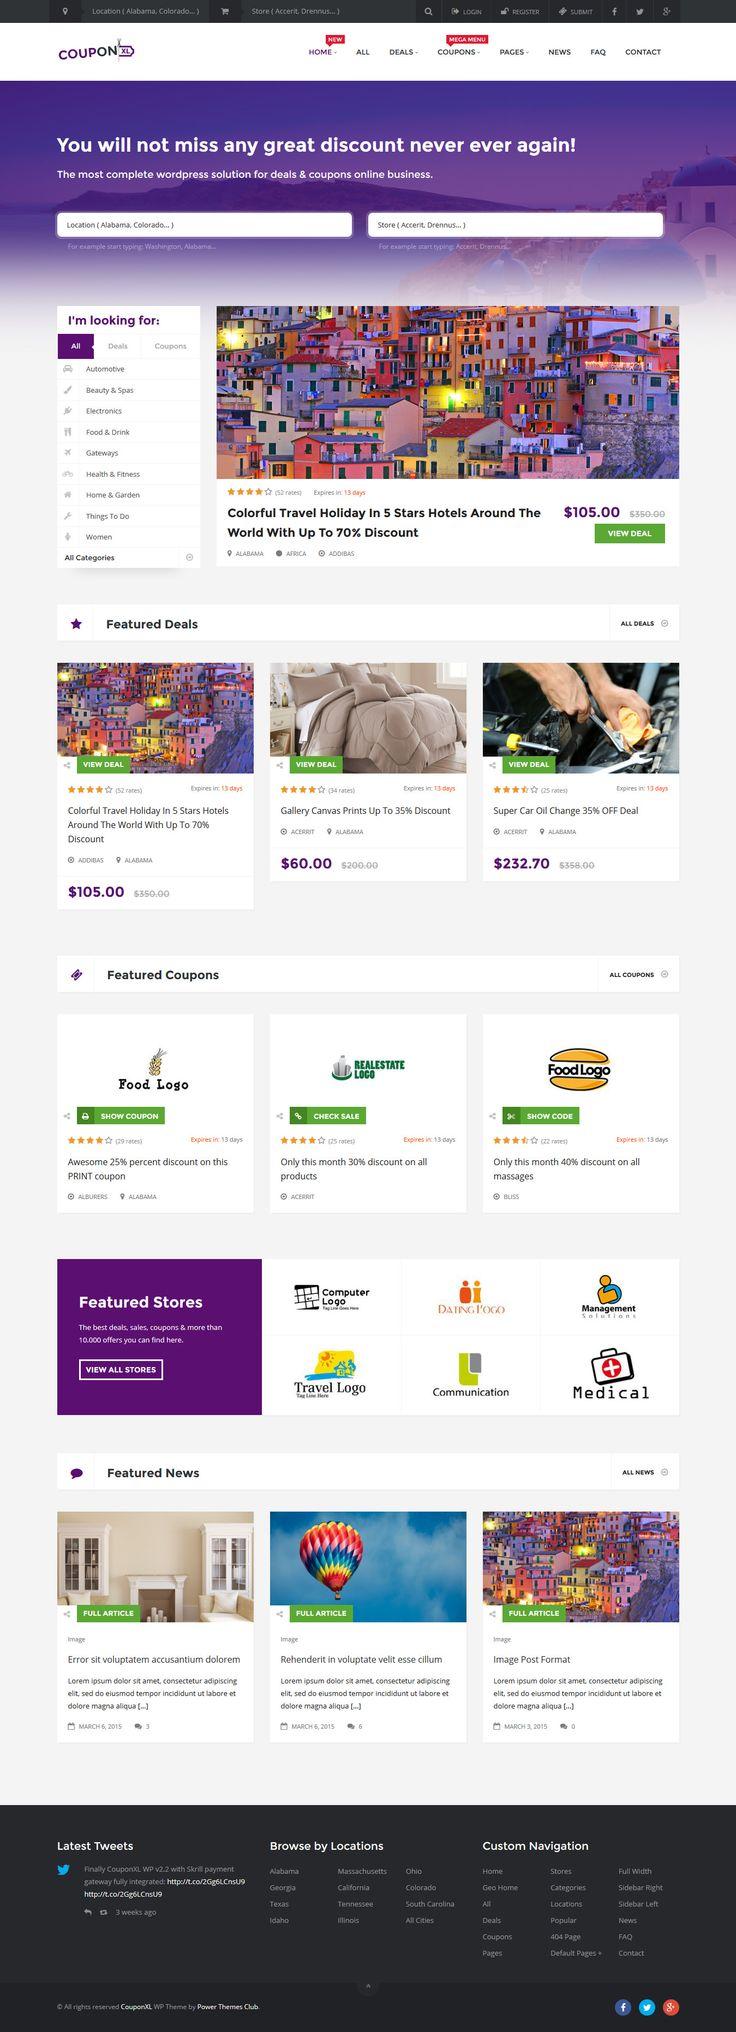 Couponxl coupons deals & discounts wp theme